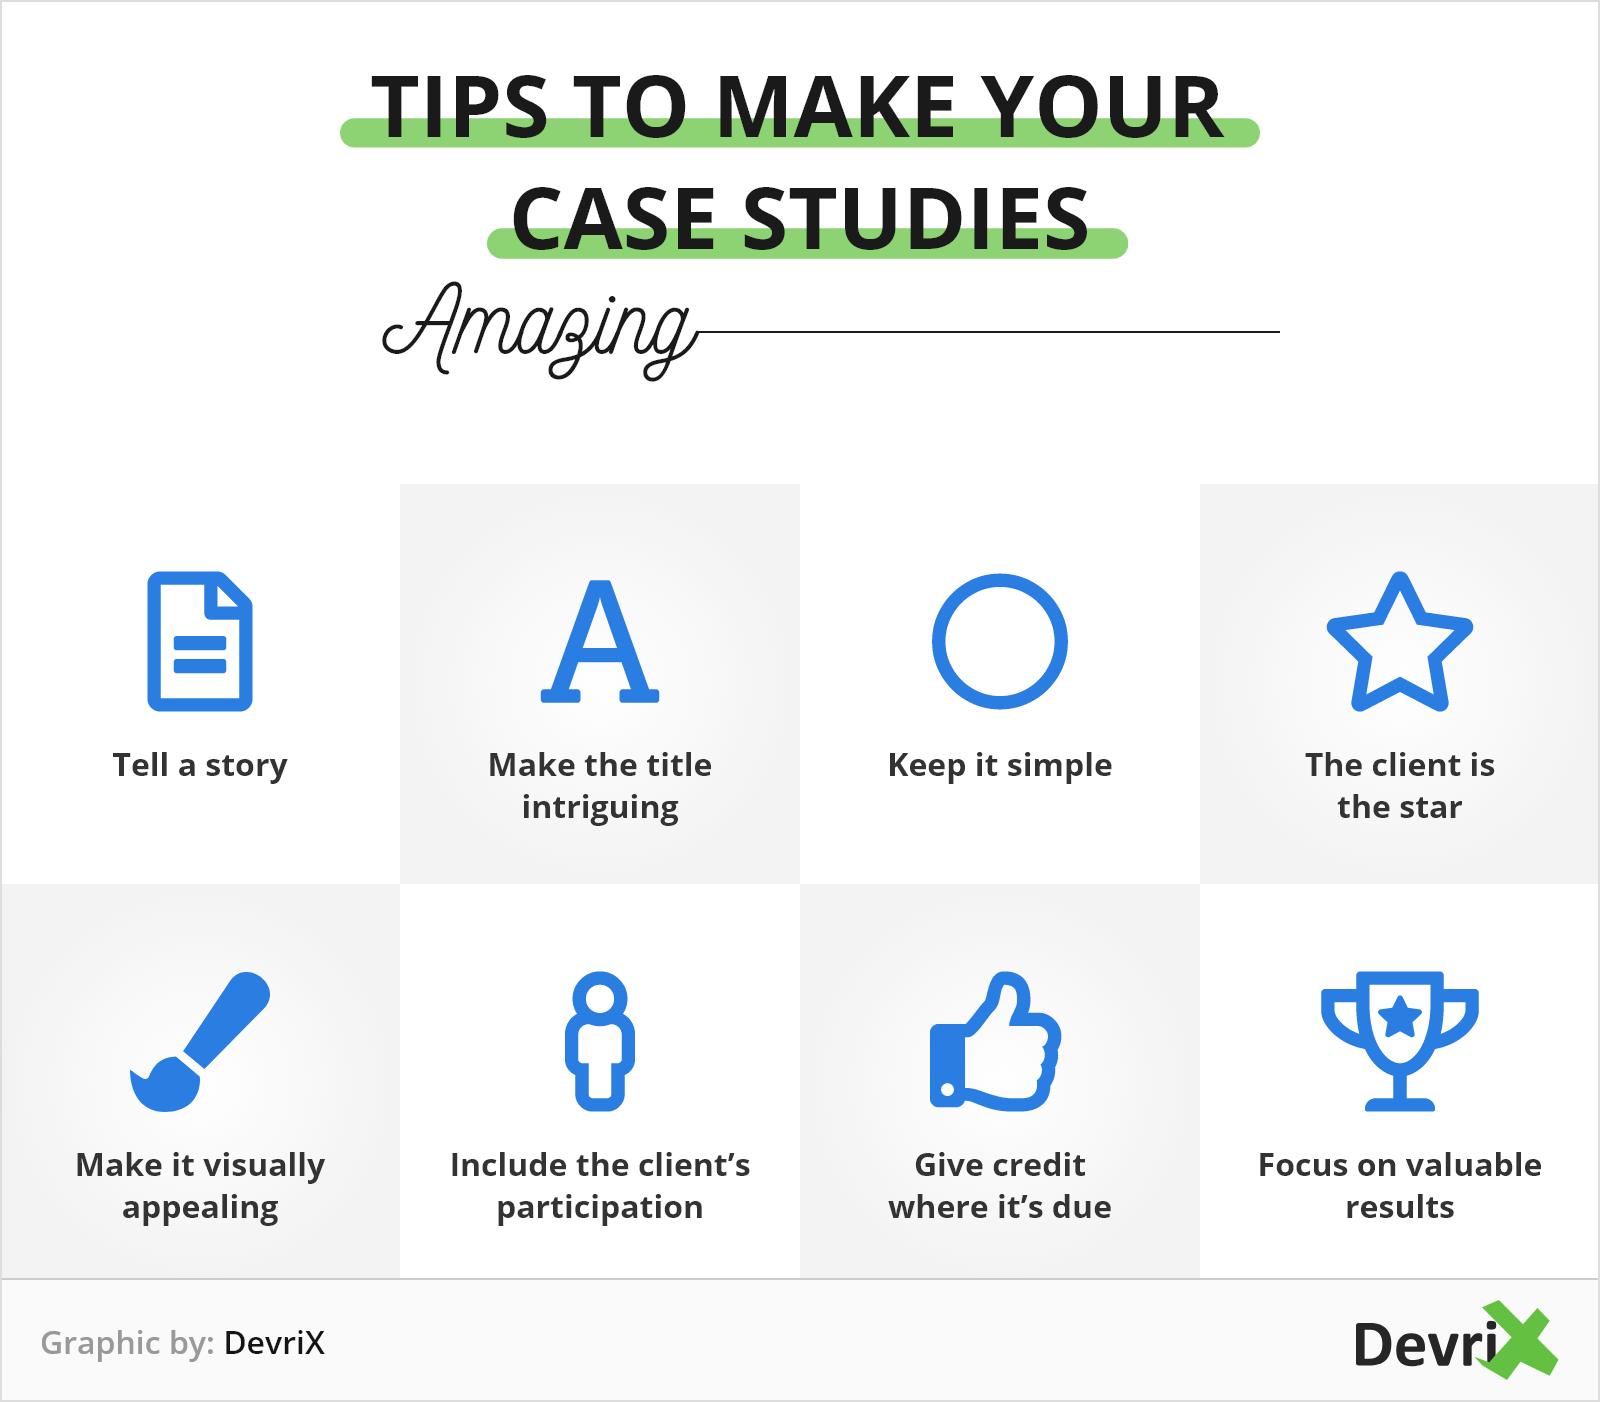 tips to make case studies